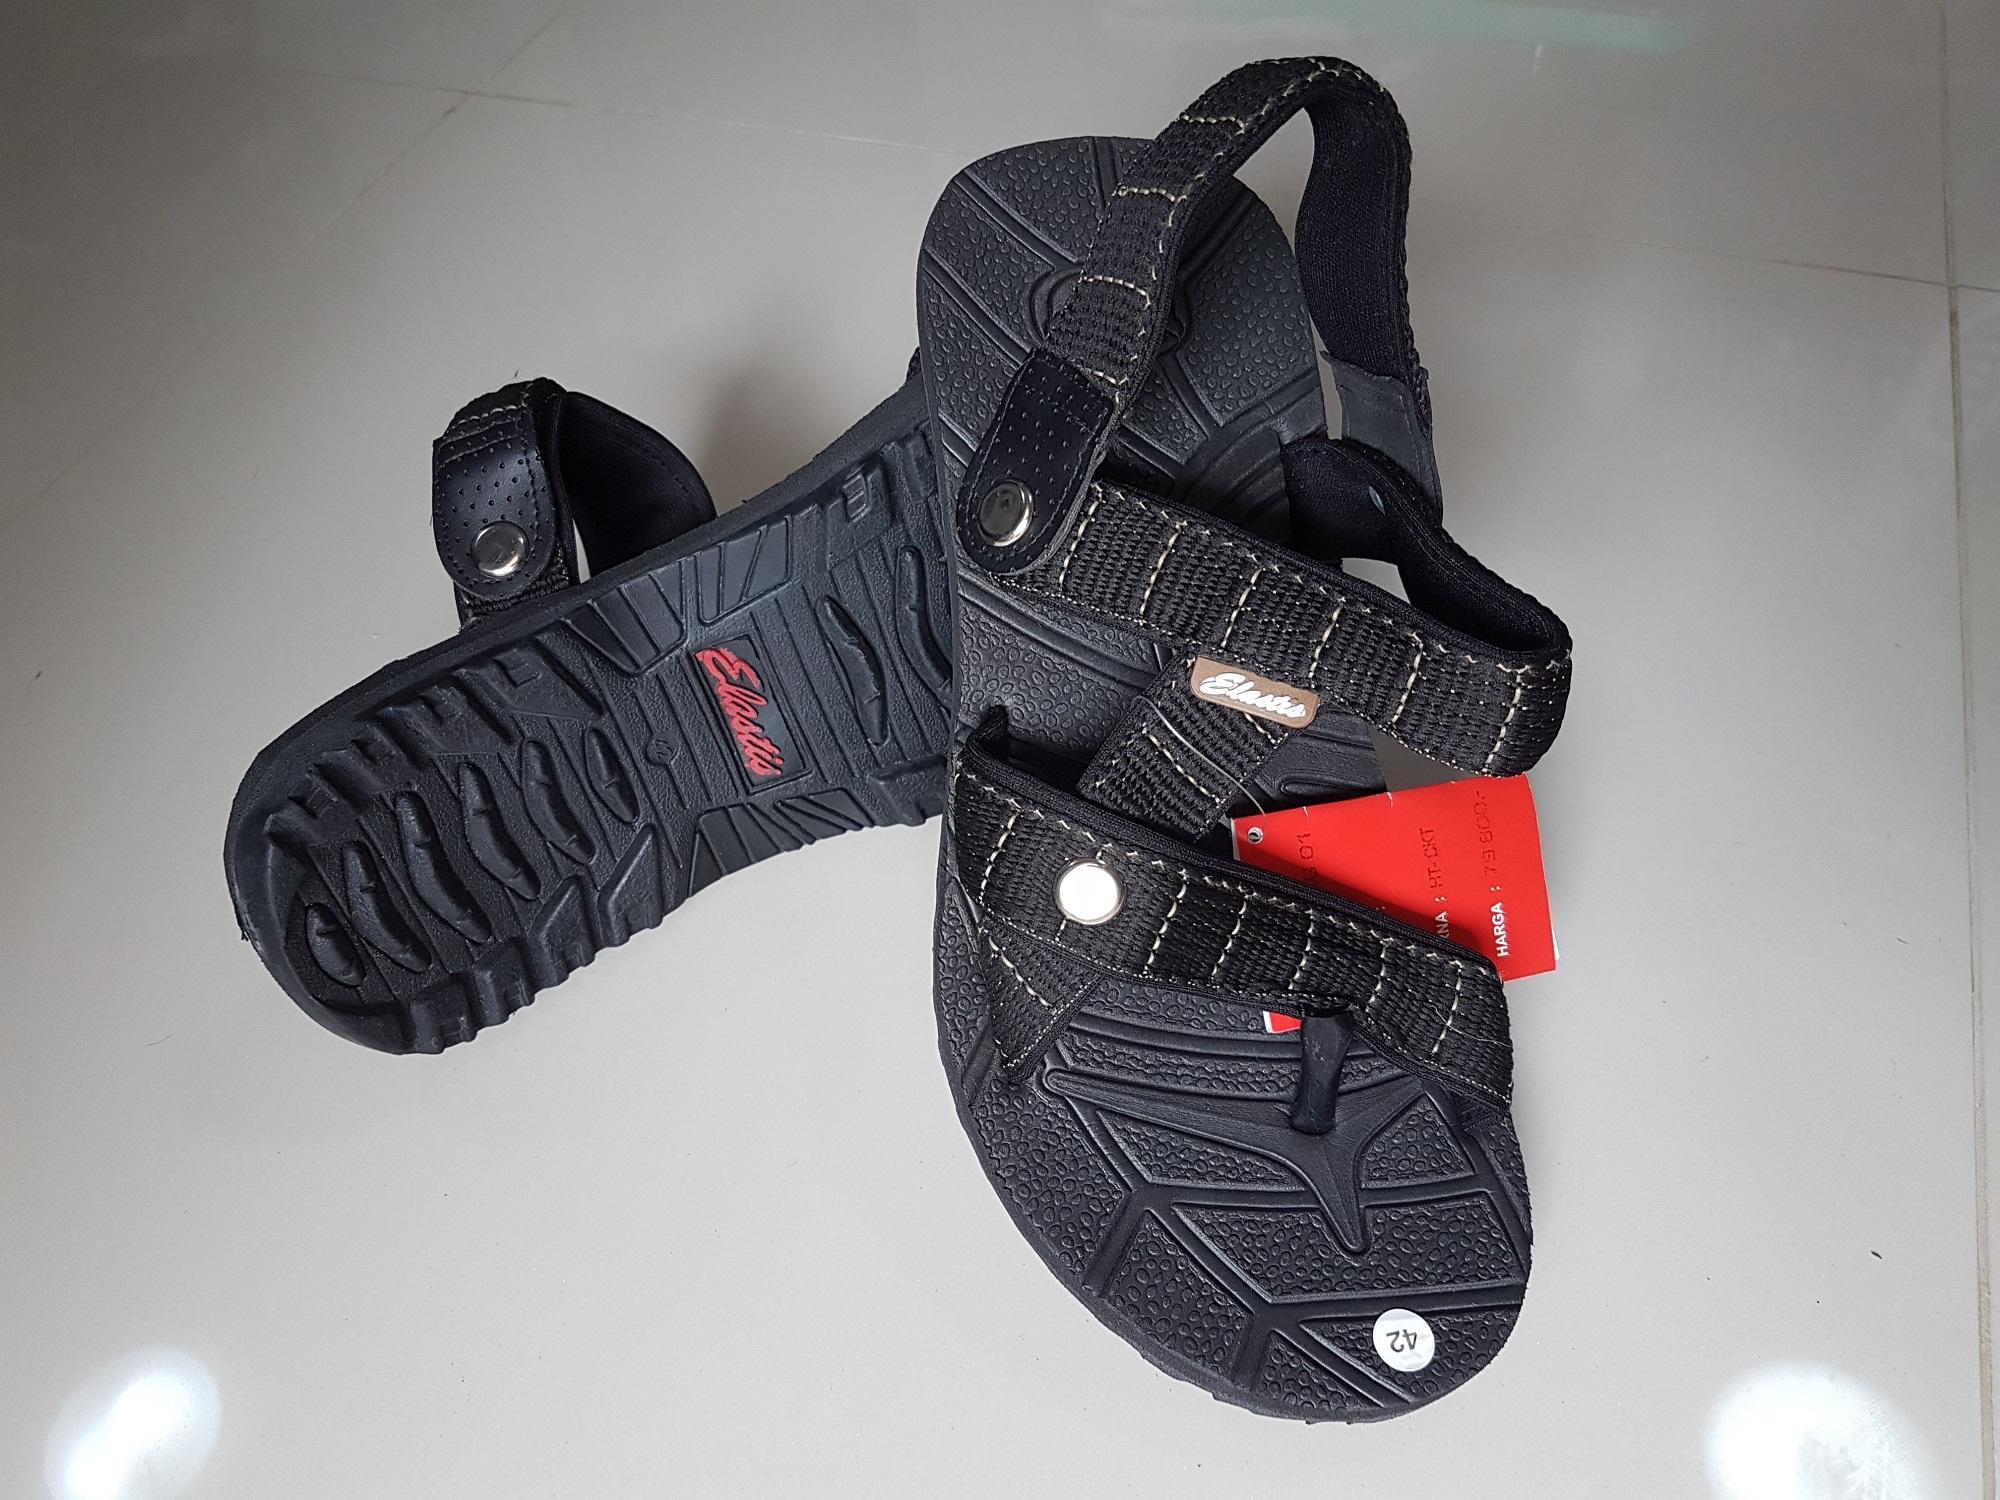 HOT DEALS!!  Sandal Gunung Elastis Sendal Jepit outdoor Ardiles bukan eiger adidas - Hitam, 38 TERMURAH / MURAH / PACKING RAPIH / PENGIRIMAN CEPAT